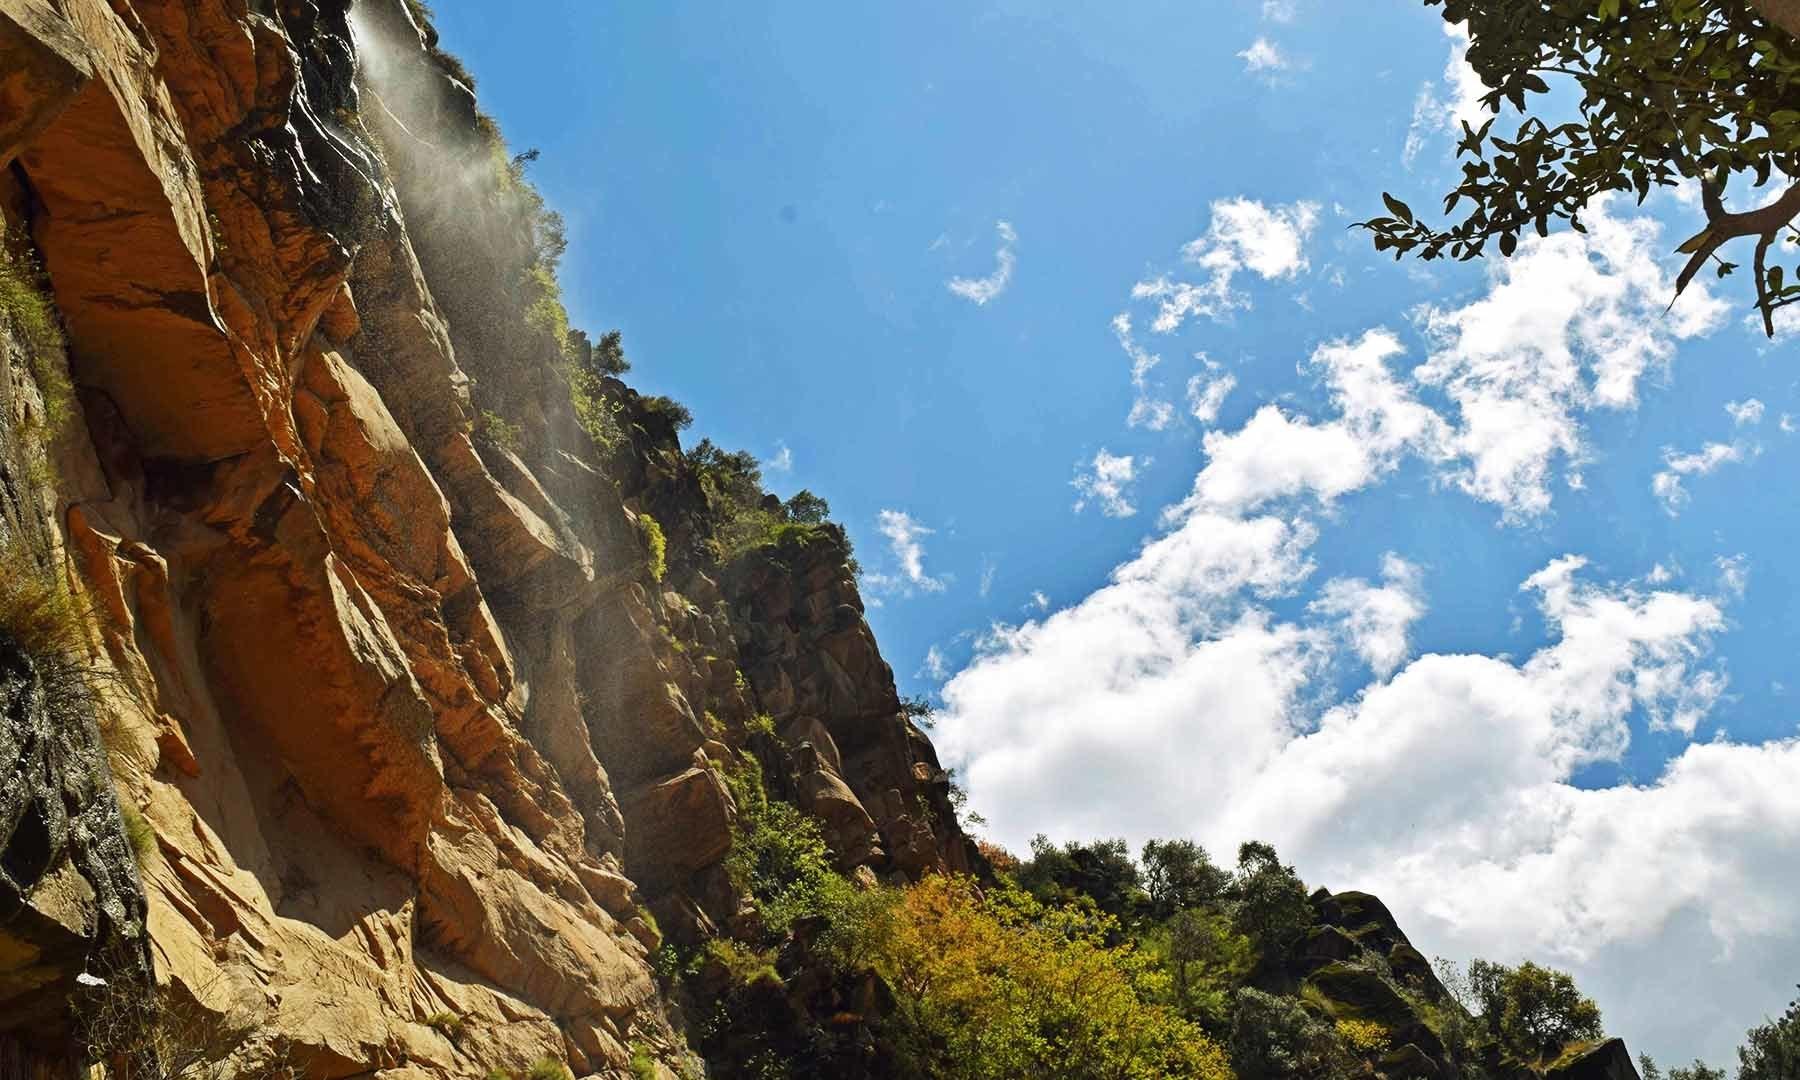 راستے میں پہاڑی سے پھوار کی شکل میں بہنے والا پانی، نیلا آسمان اور بادل۔— فوٹو امجد علی سحاب